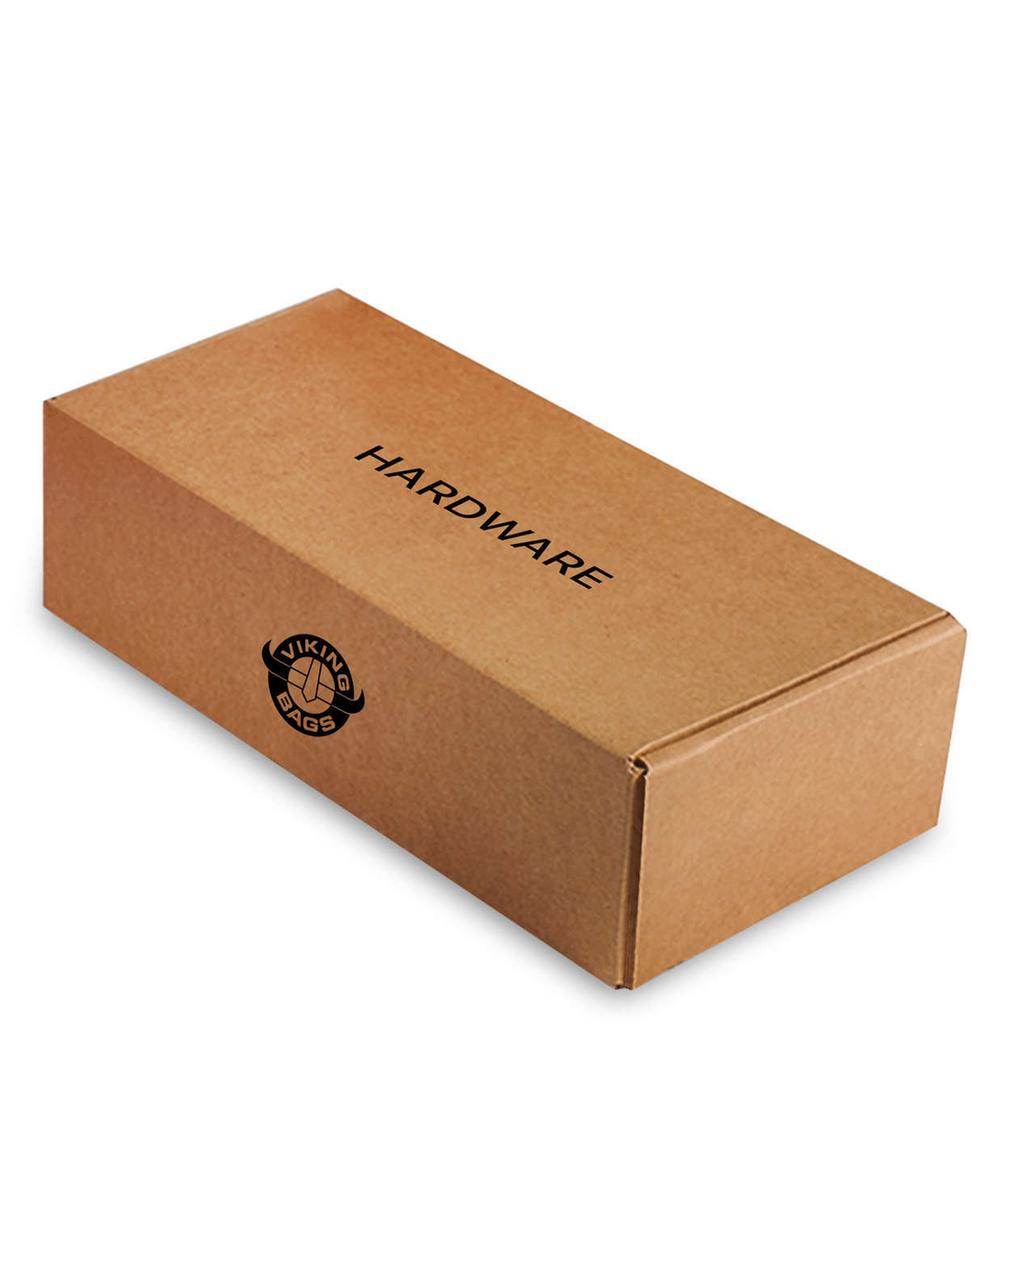 Honda 750 Shadow Phantom Viking Lamellar Slanted Leather Covered Motorcycle Hard Saddlebags box